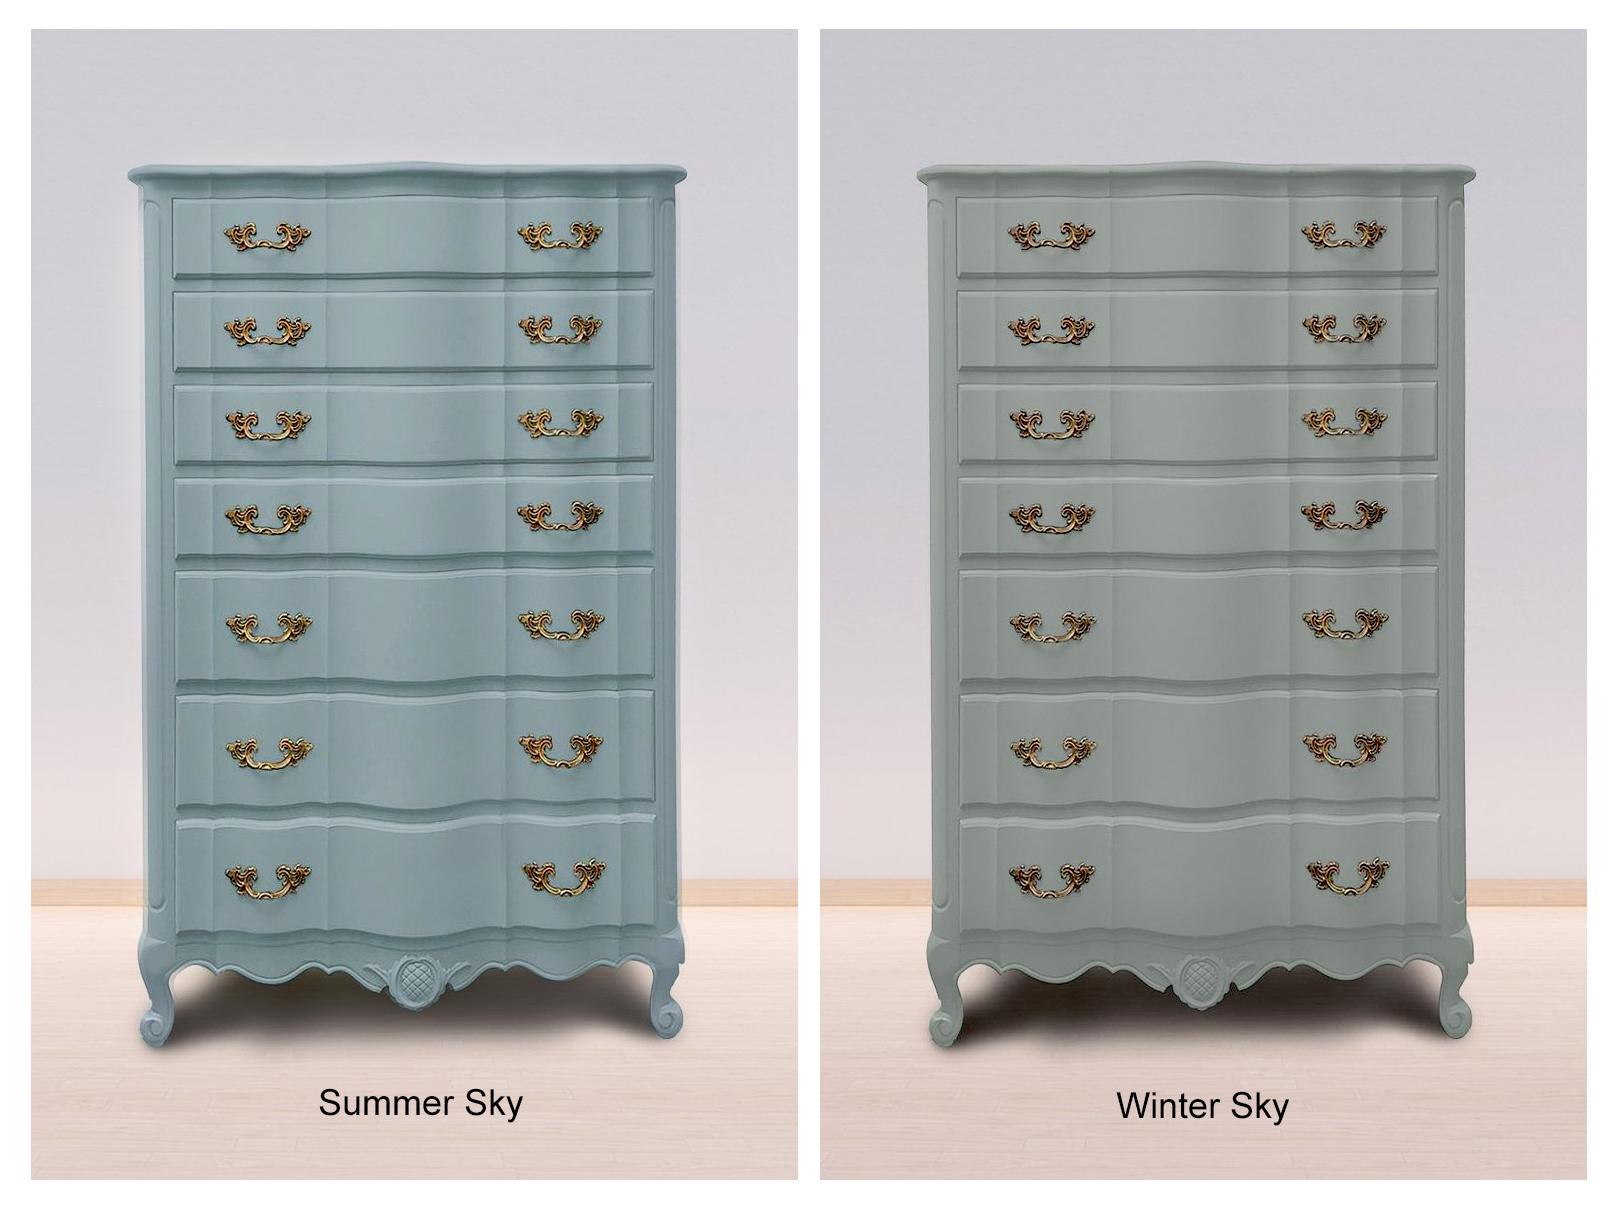 Summer Sky & Winter Sky